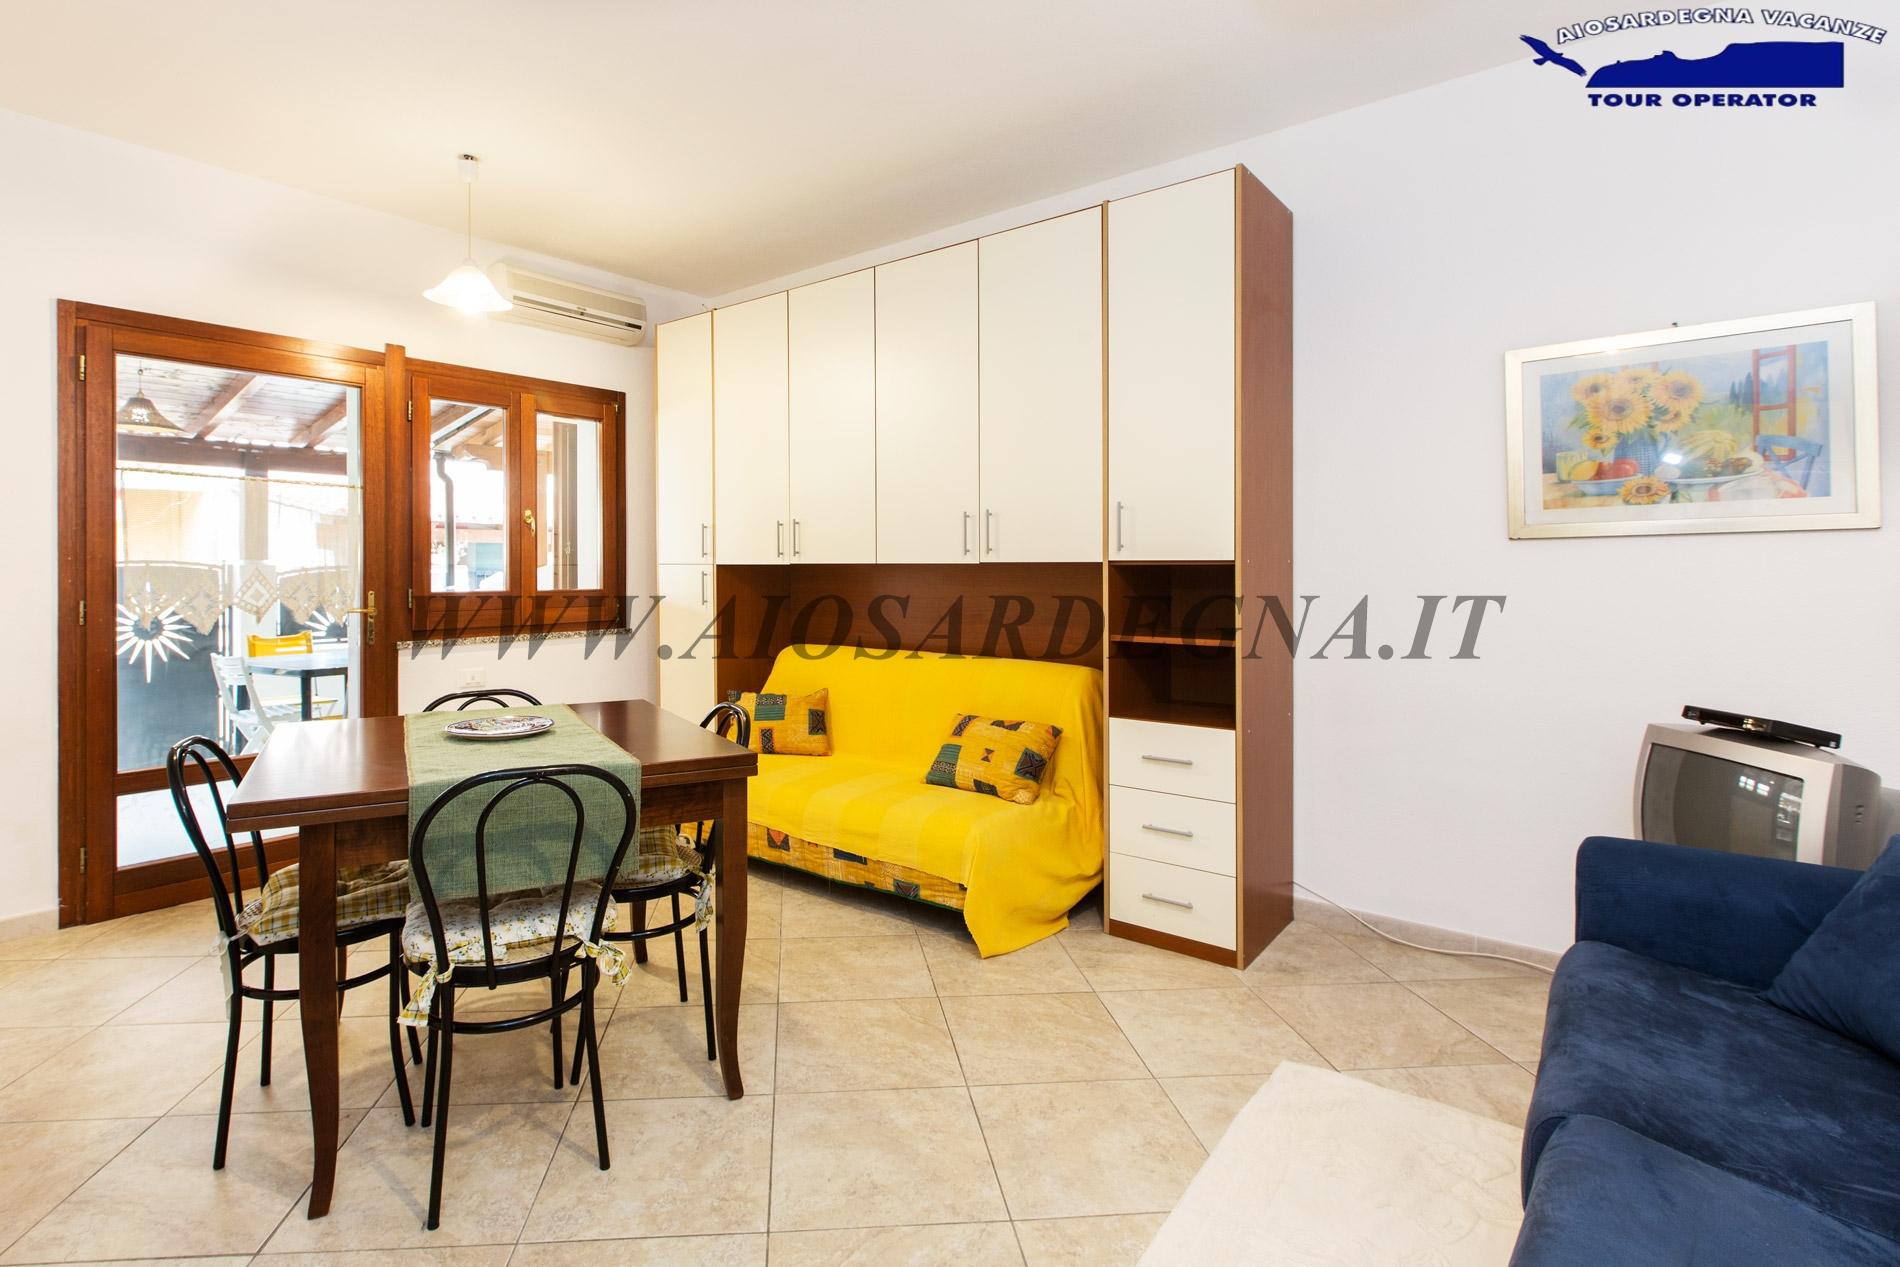 Mulvoni Studio Apartment